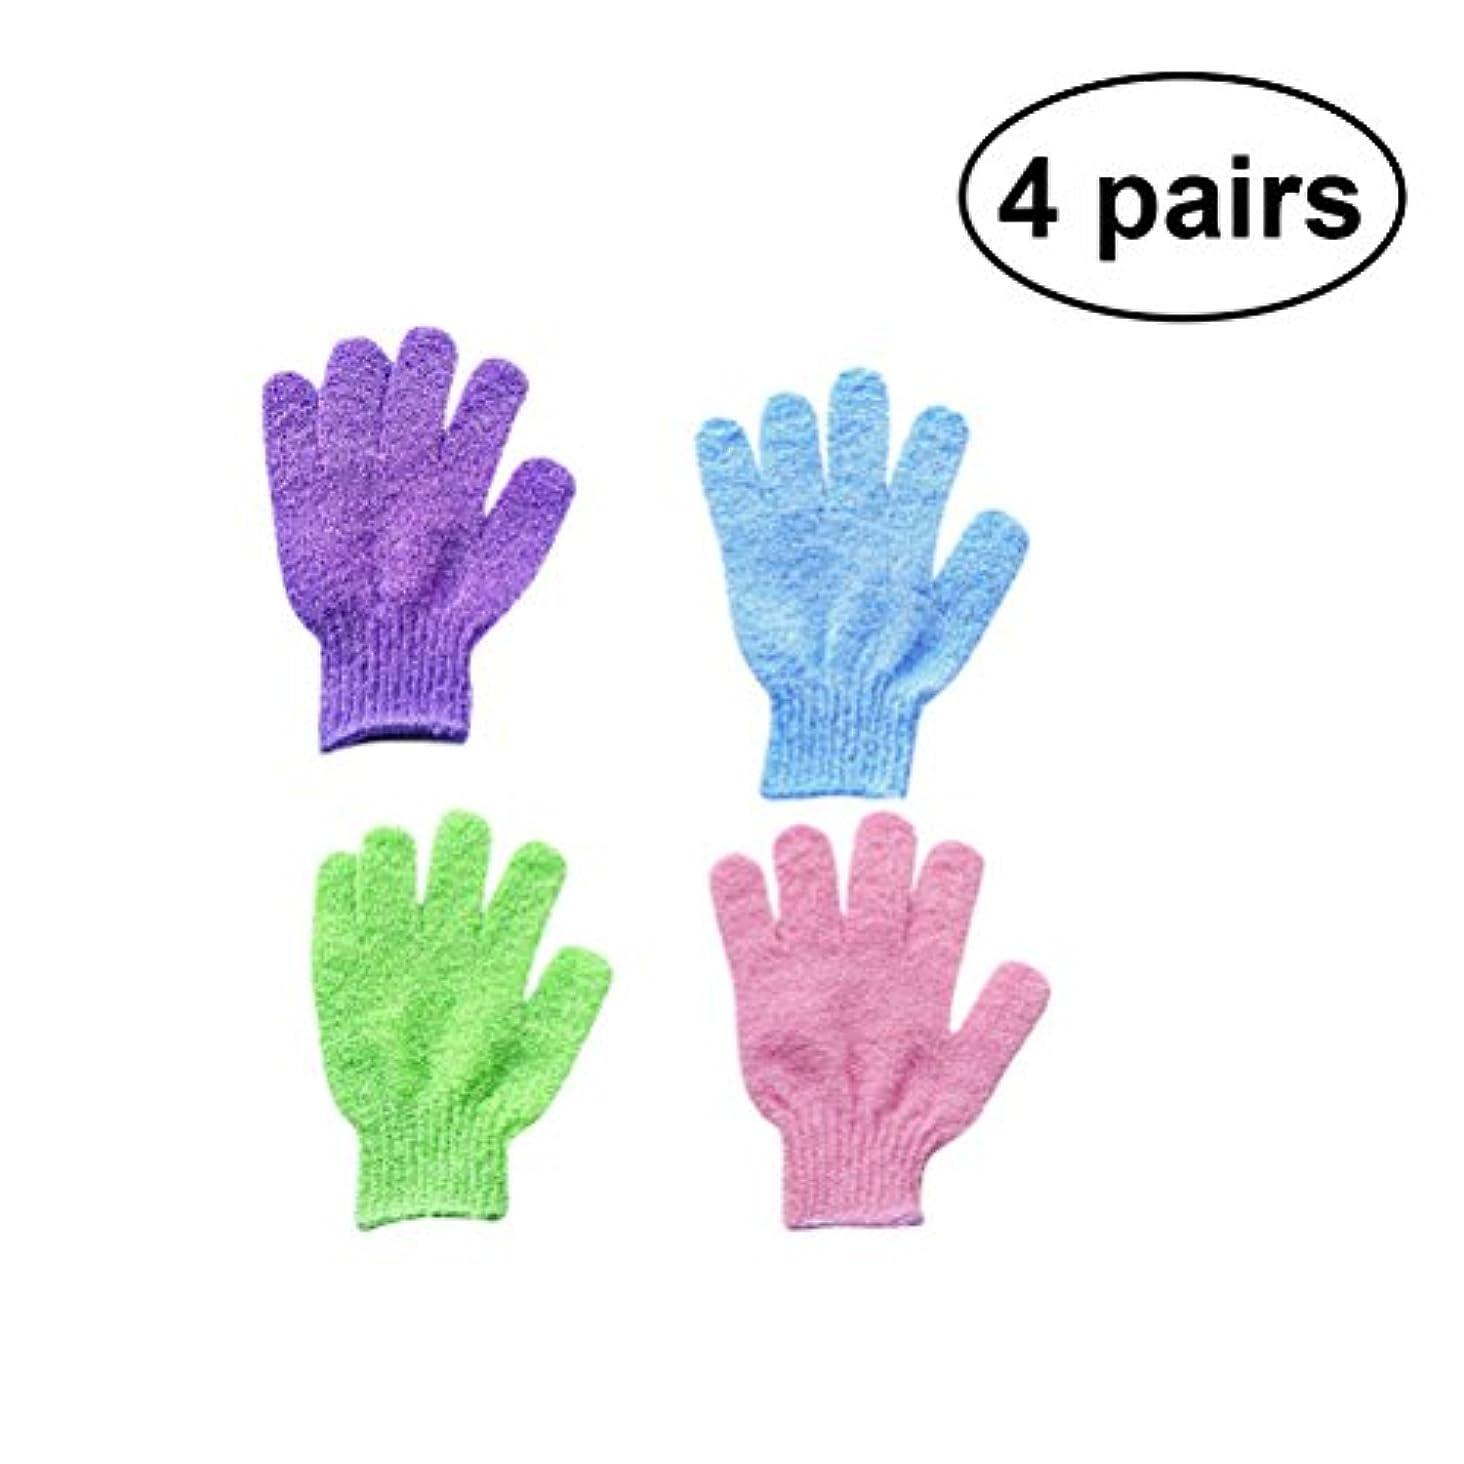 クライアント穿孔する緊張するHealifty 4 Pairs Exfoliating Bath Gloves Shower Mitts Exfoliating Body Spa Massage Dead Skin Cell Remover